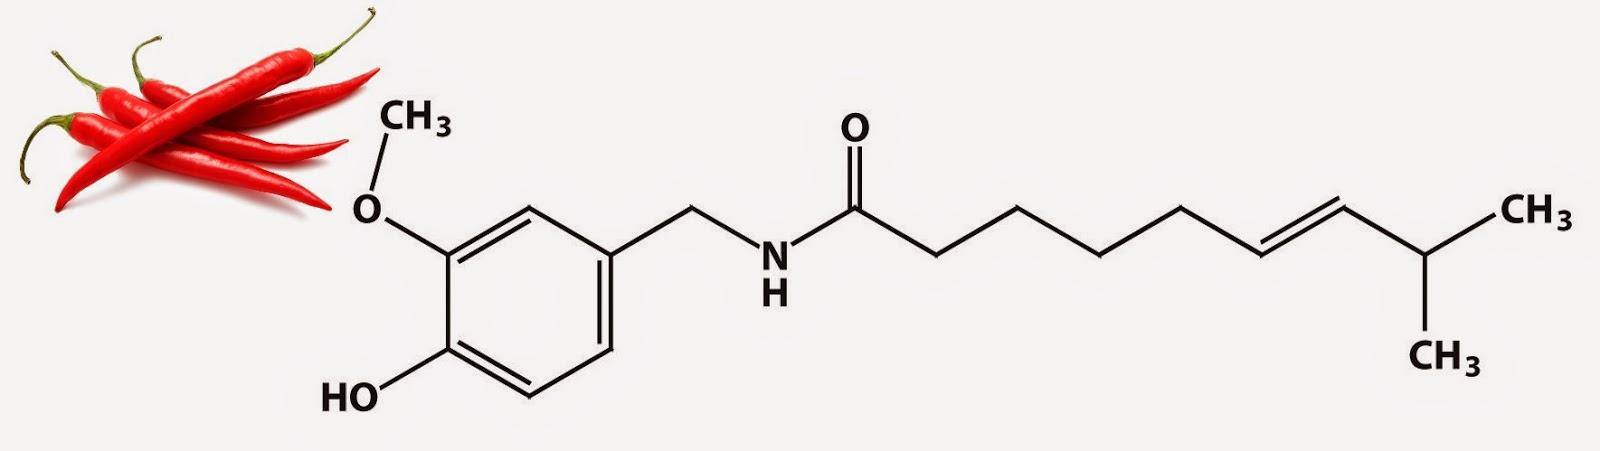 Stick molecule of capsaicin Como cómo combatir aliviar quitar el picor guindillas Guindilla chili chilli